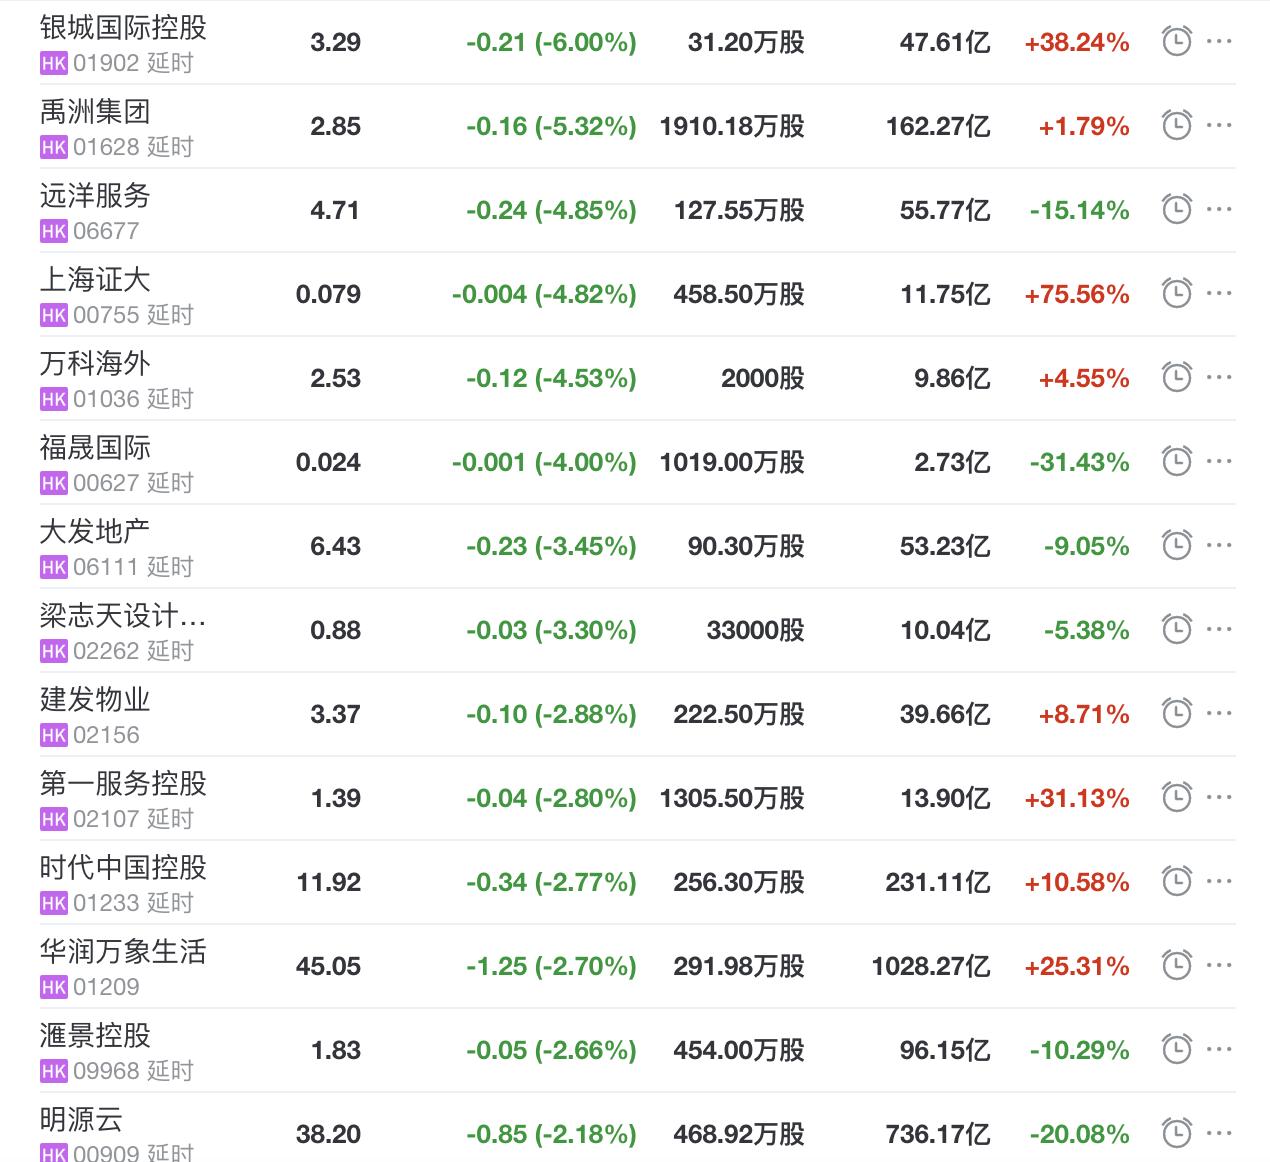 地产股收盘丨恒指收跌0.36% 雅生活服务收涨7.9% 银城国际控股收跌6%-中国网地产